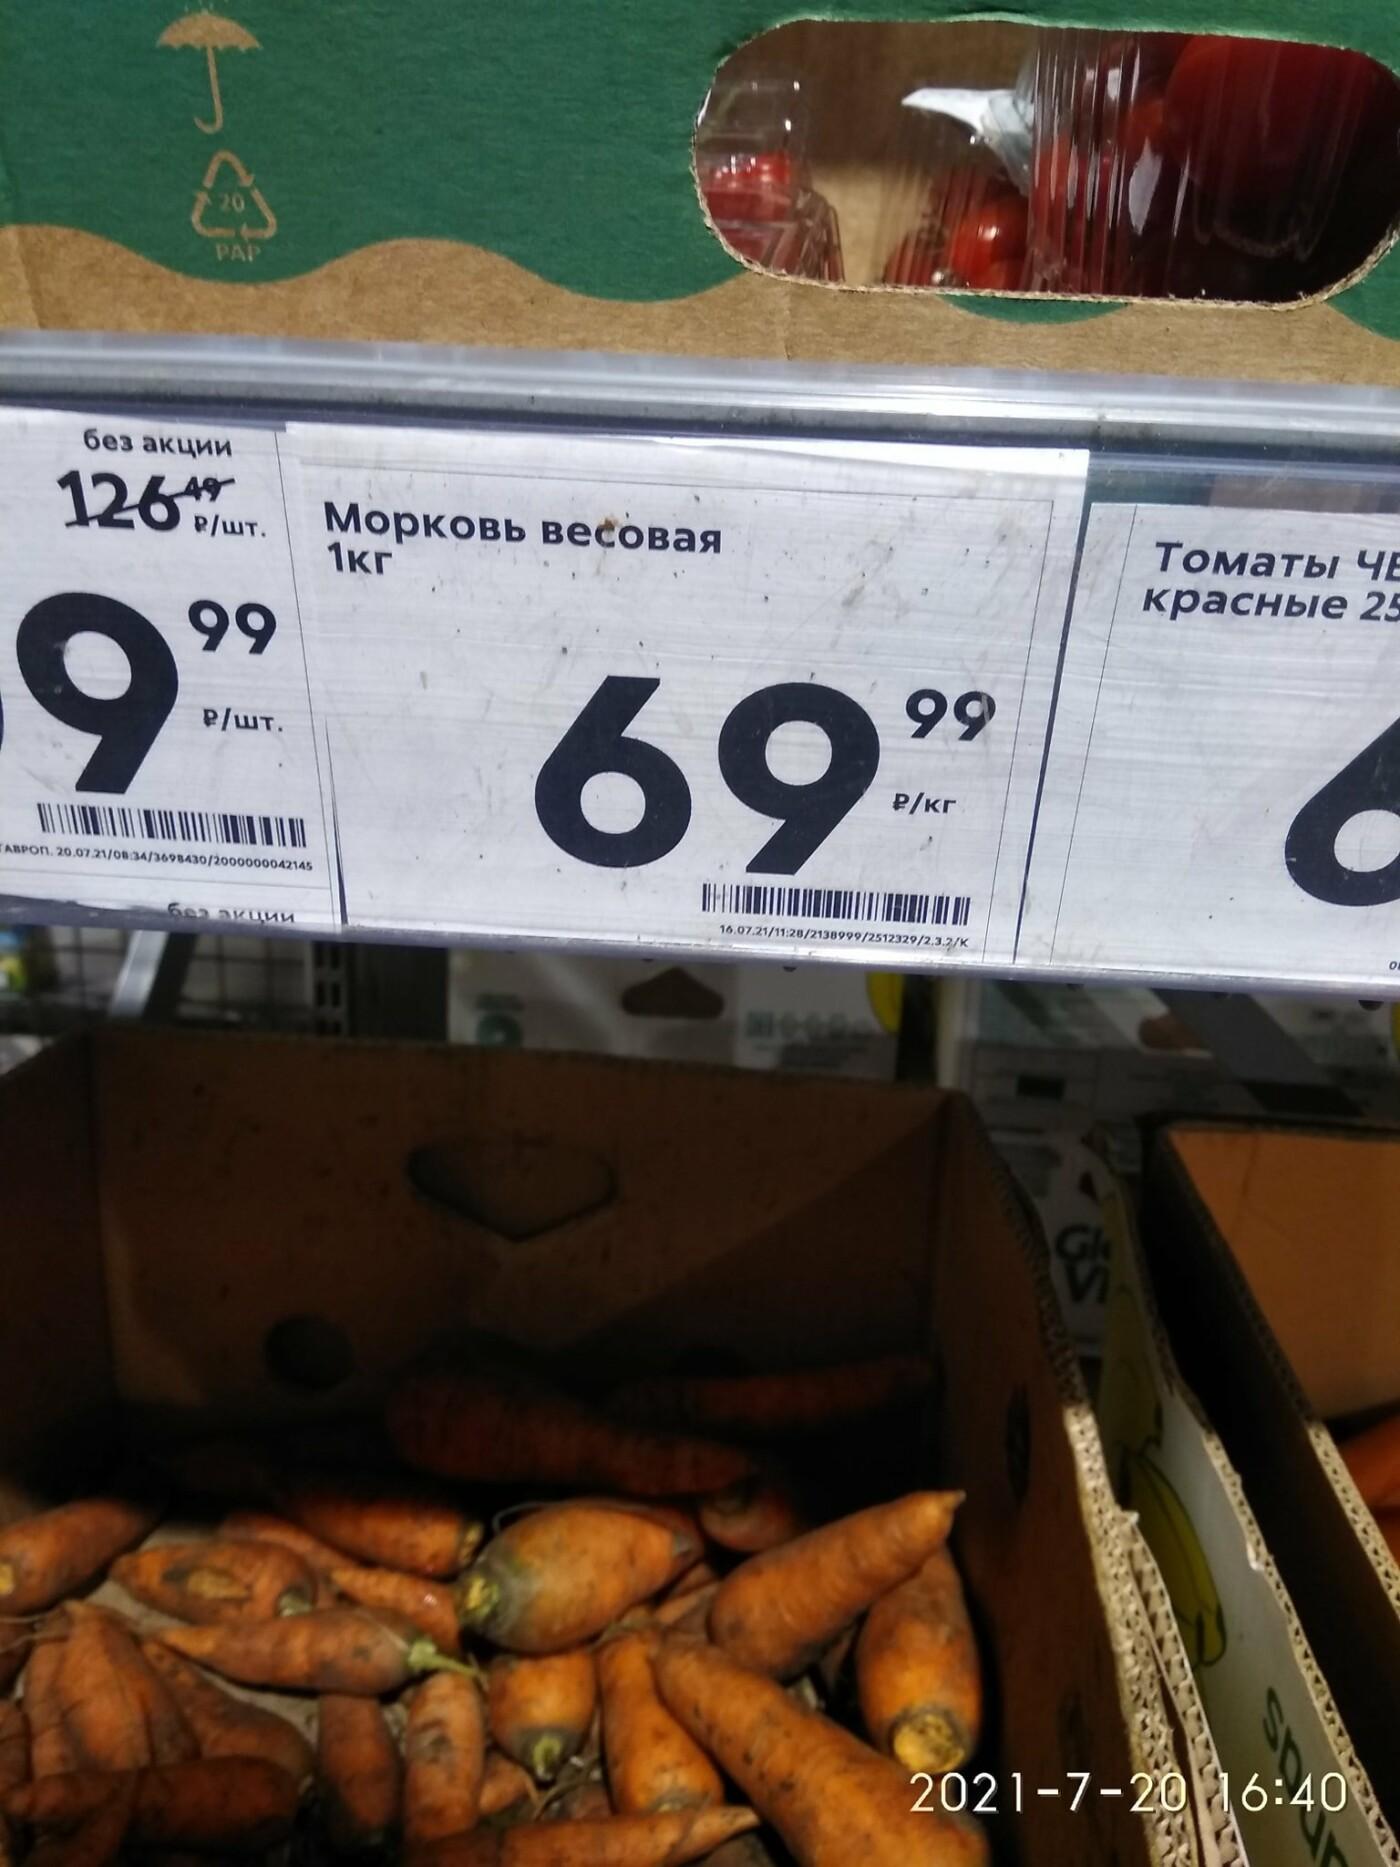 Цены в 2 раза выше московских: в Донецке жалуются на дороговизну продуктов, - ФОТО, фото-6